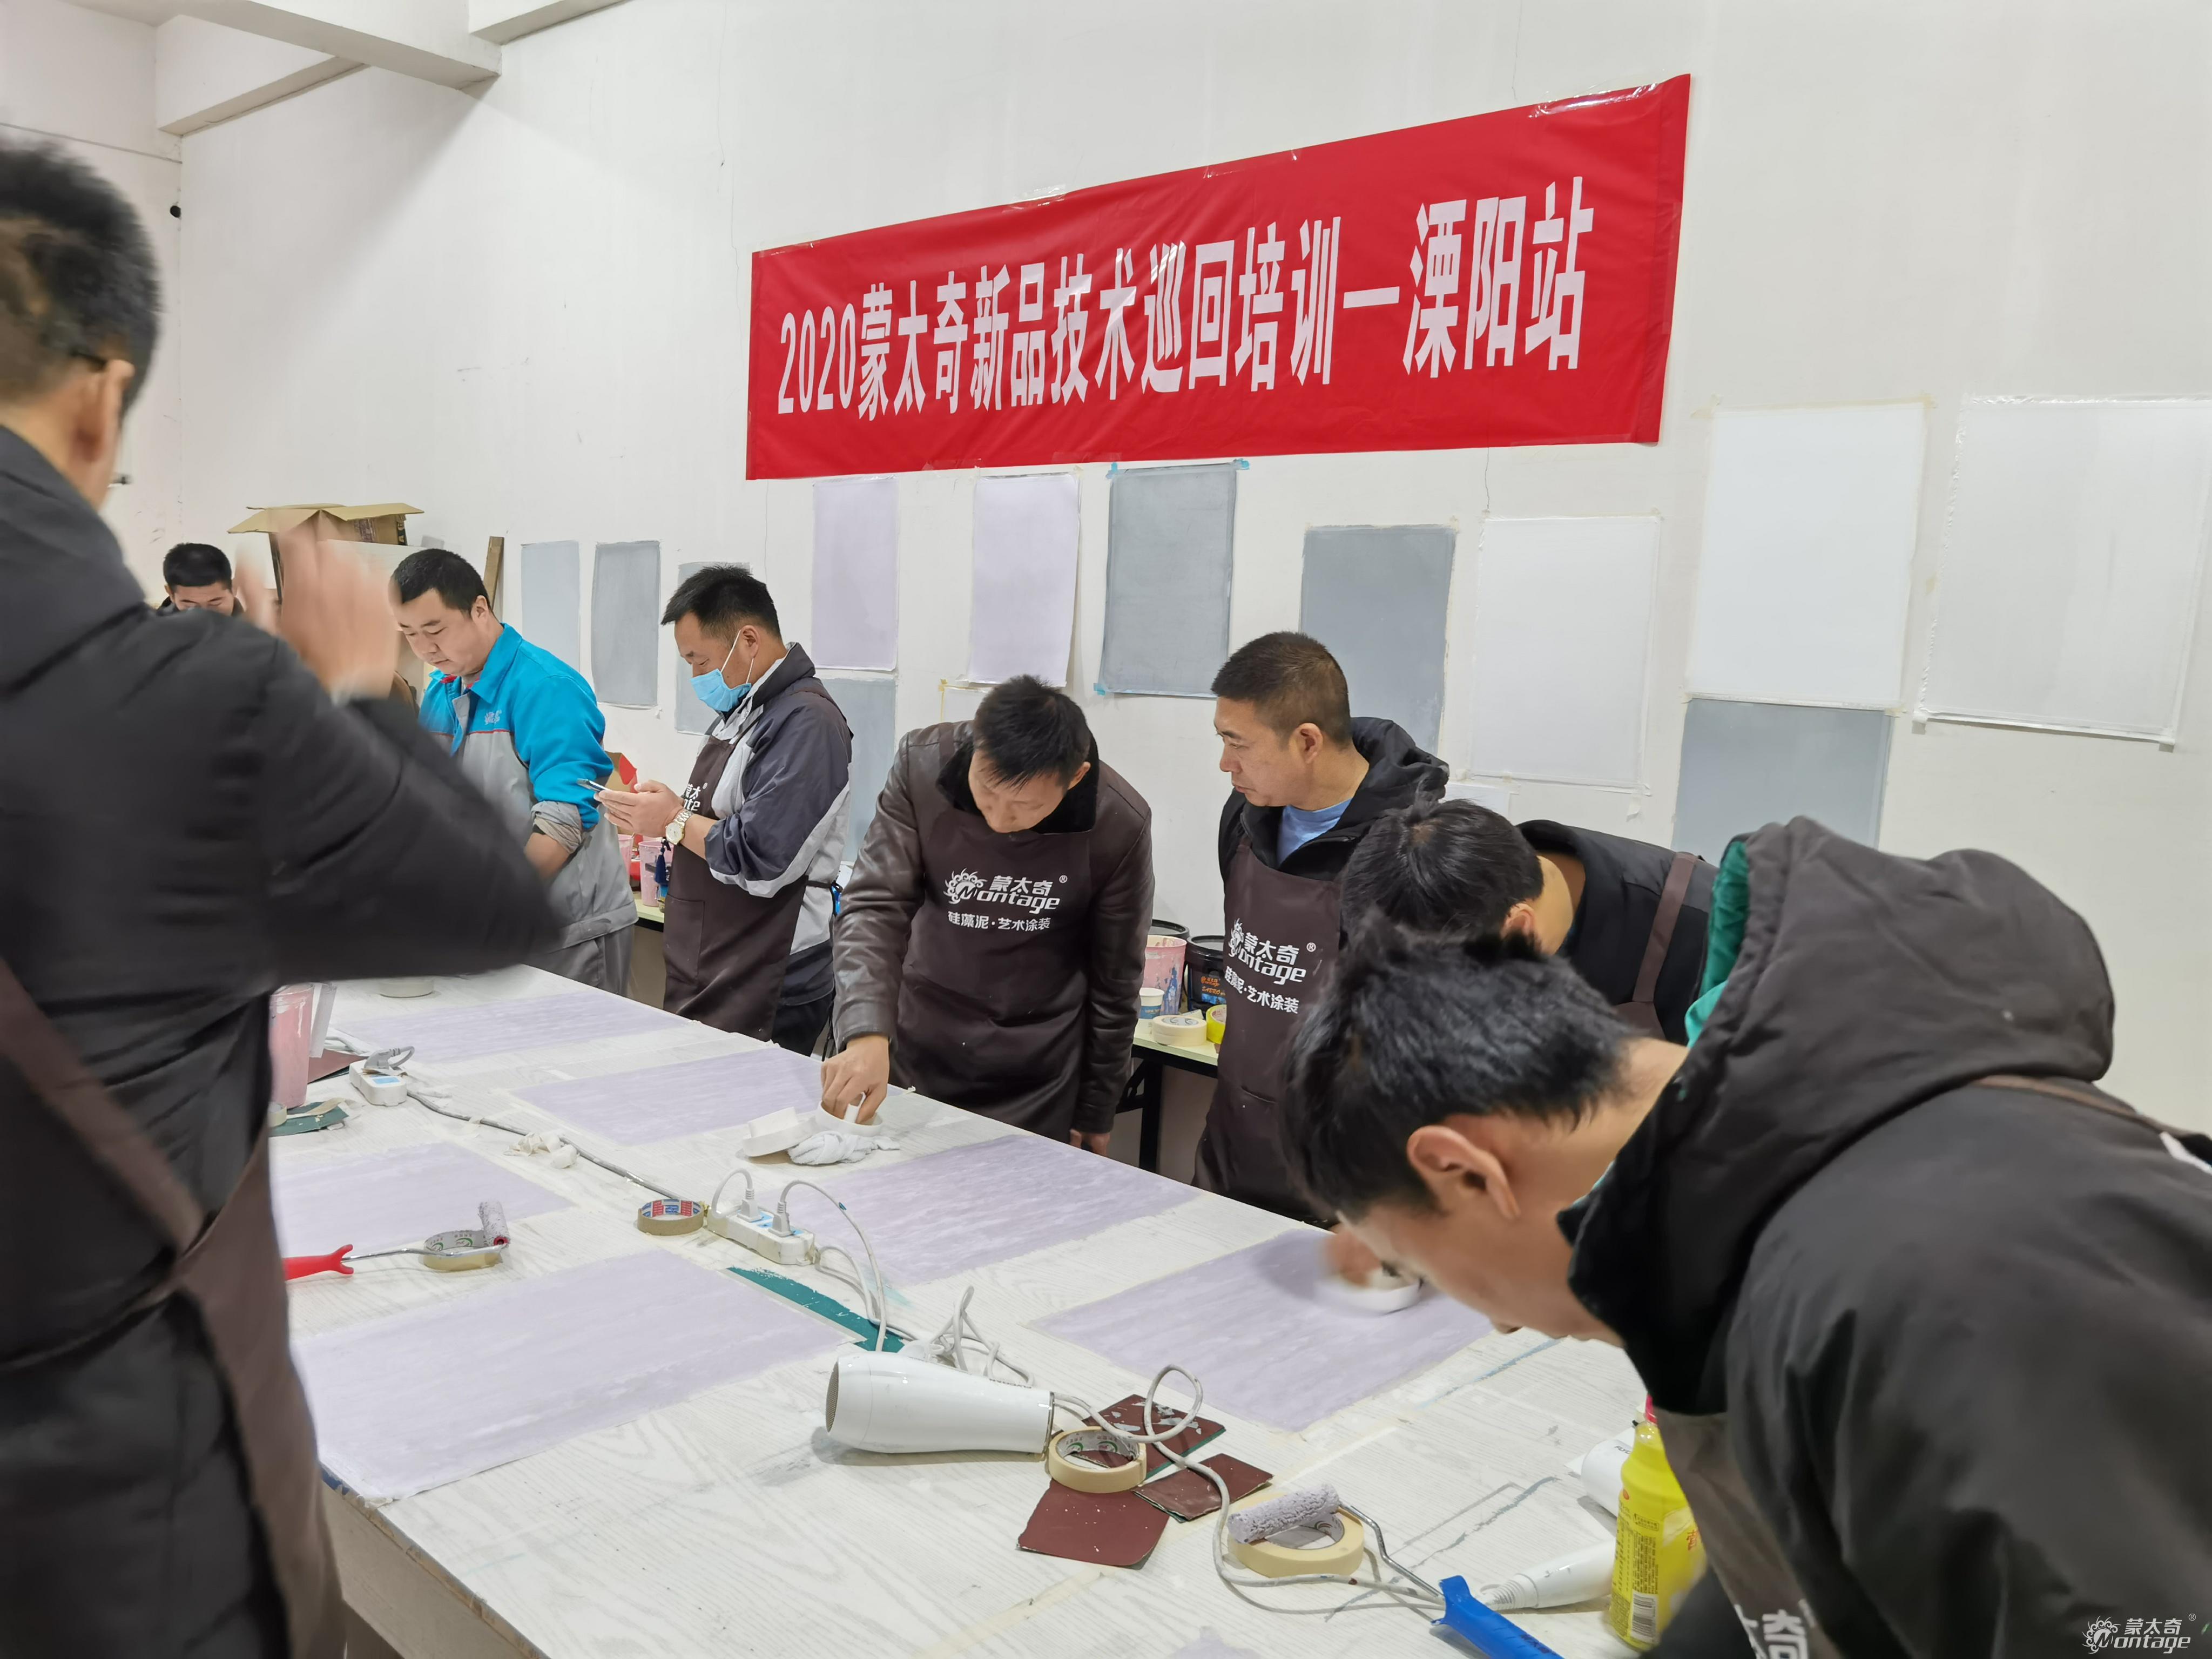 蒙太奇商学院新品技术培训·溧阳站